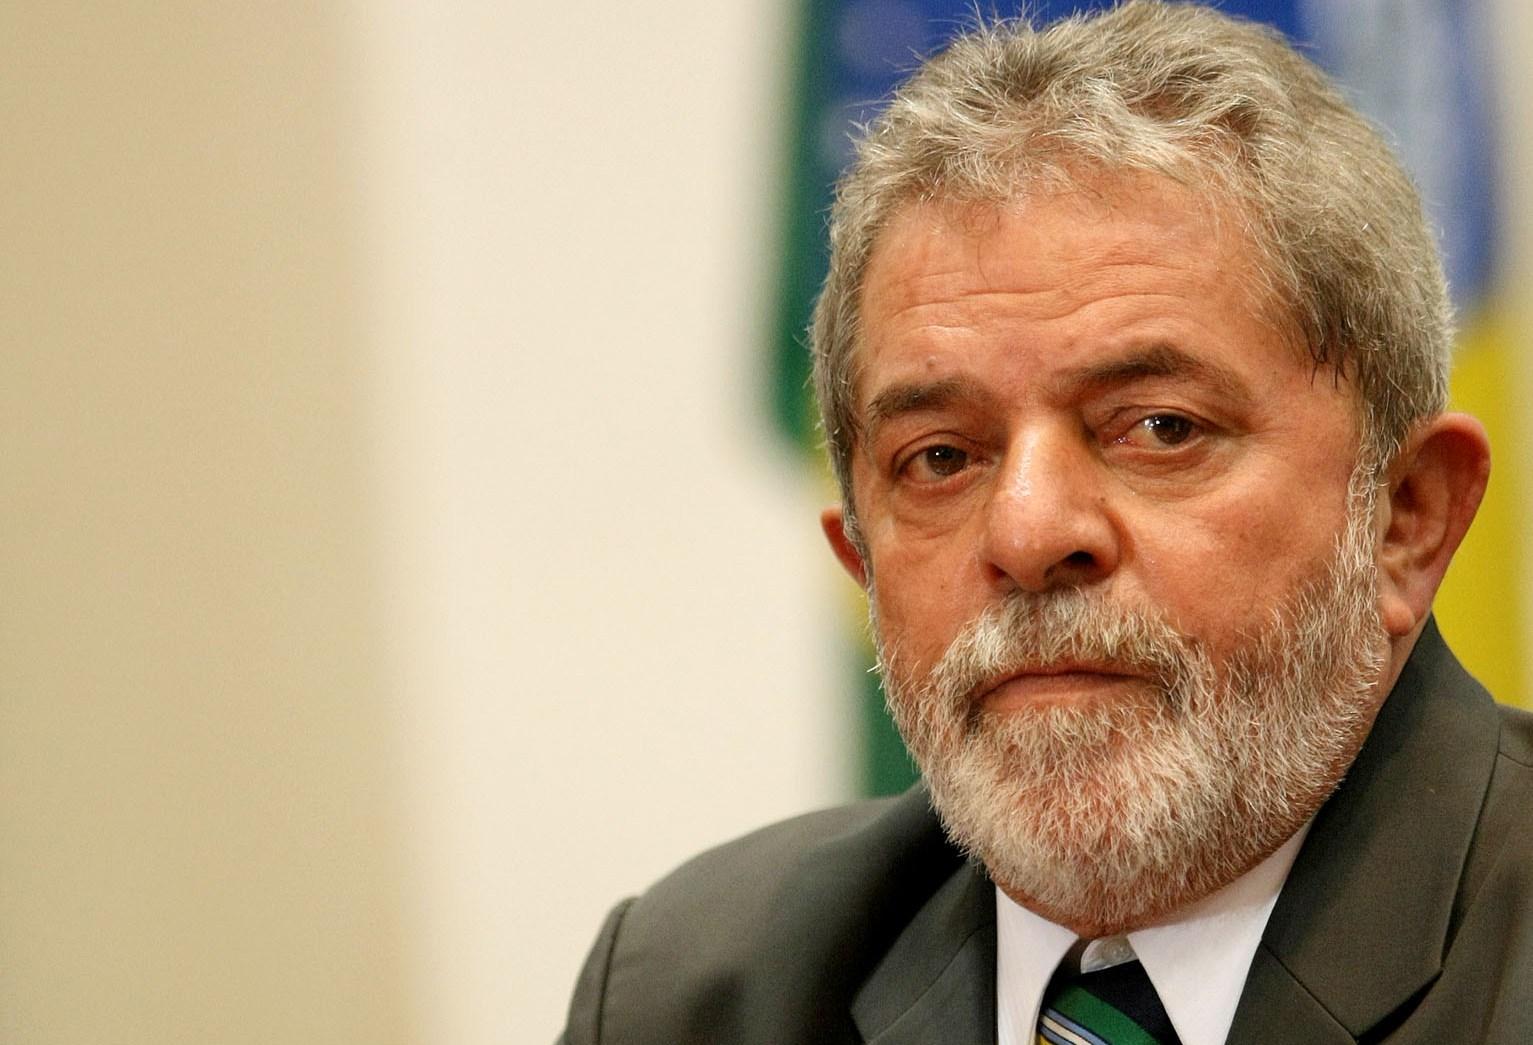 Depoimento de Lula a Sérgio Moro deve acontecer nesta quarta-feira